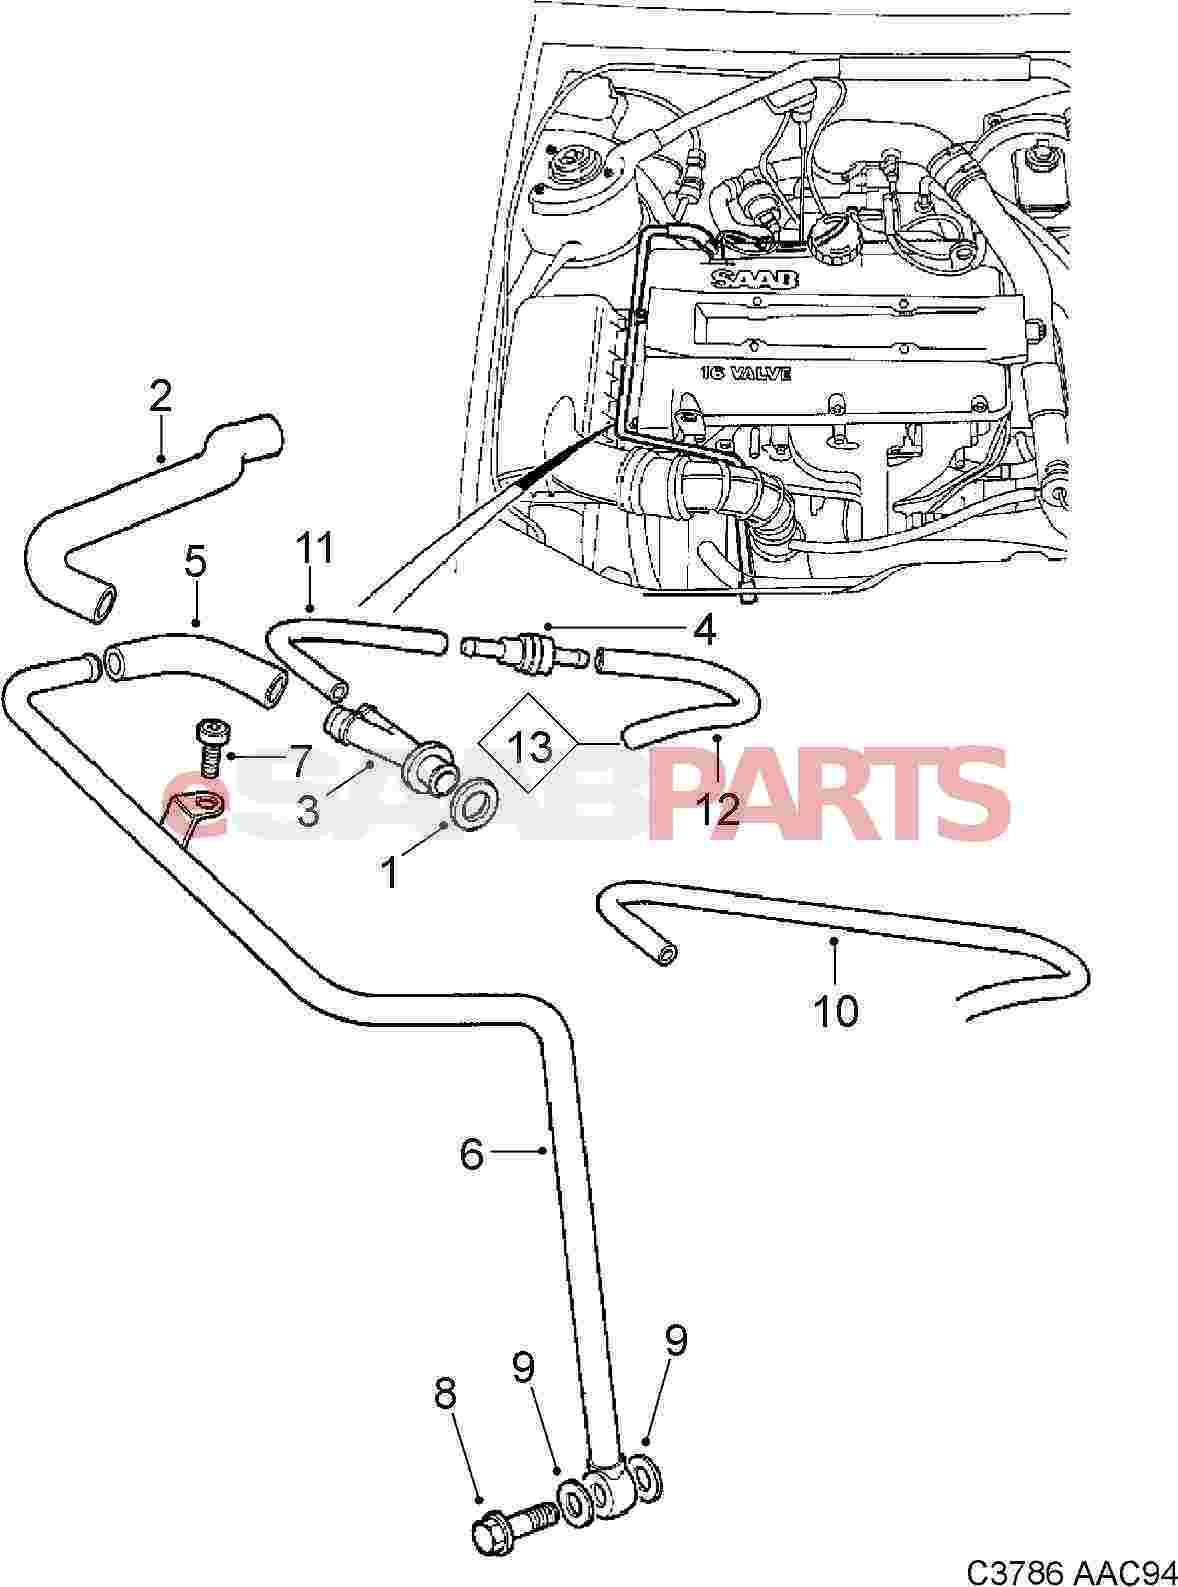 Polaris 50cc Atv Wiring Diagrams Online. Vacuum. Auto